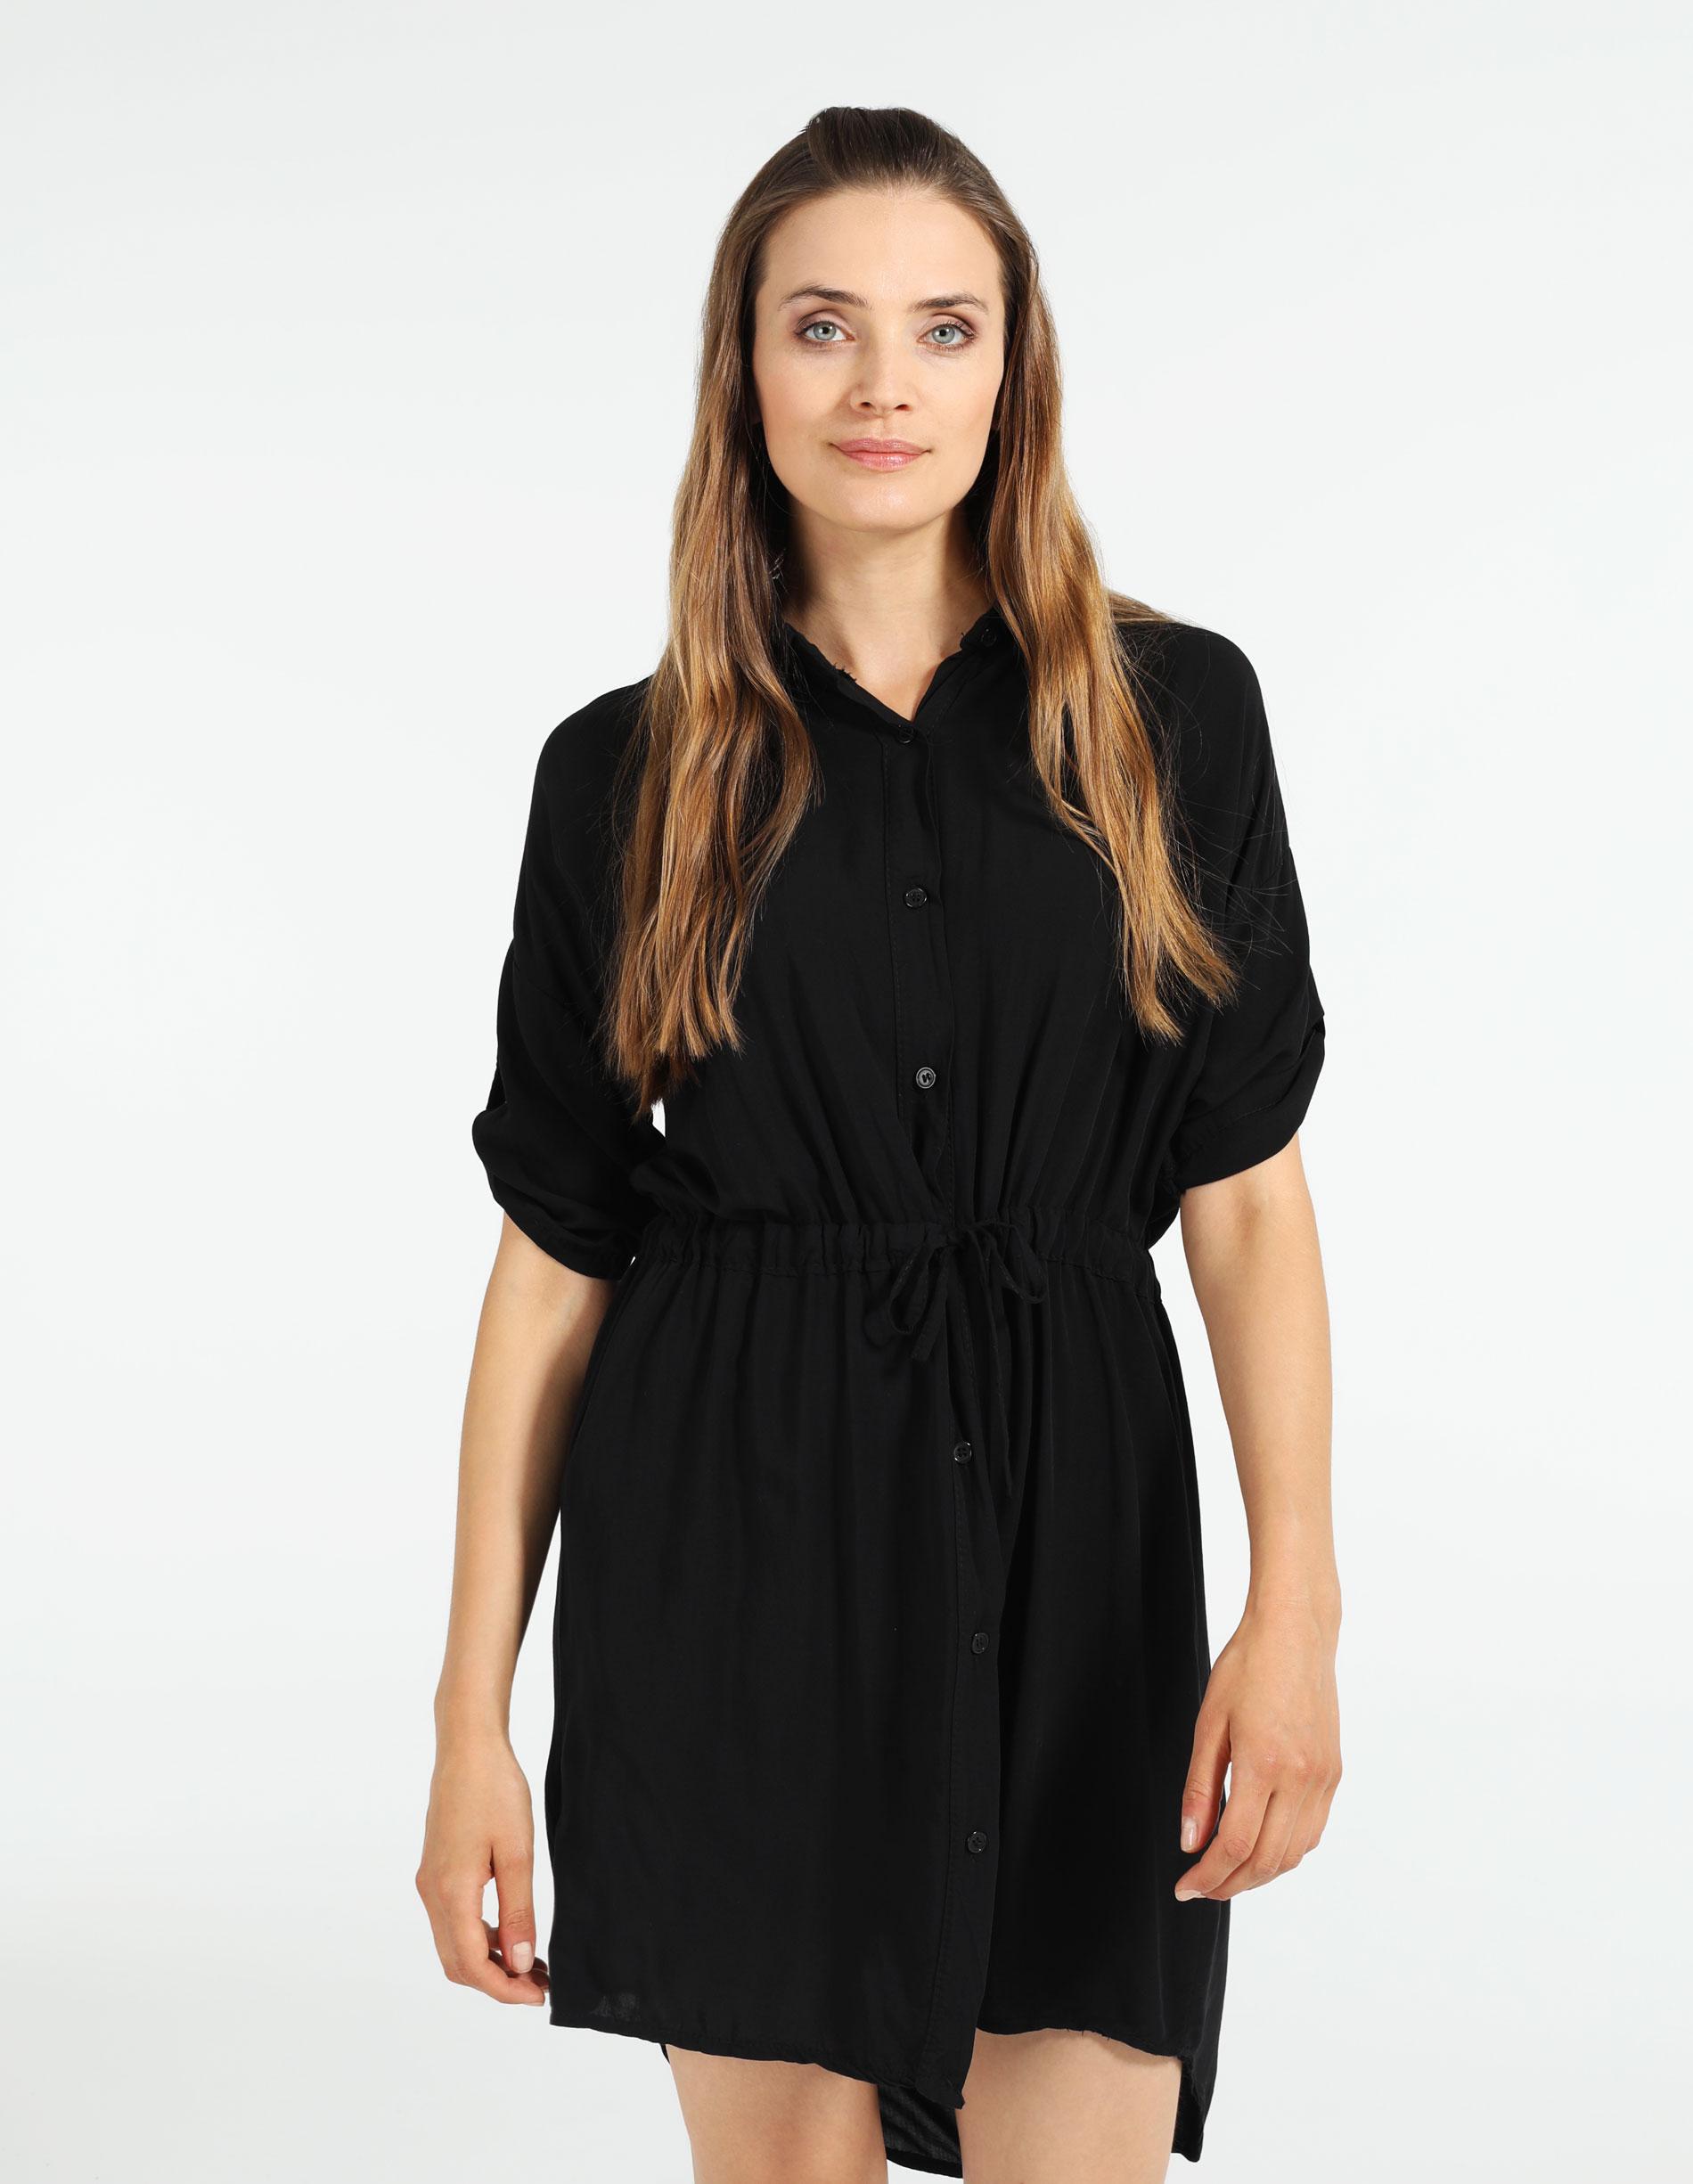 Sukienka - 45-626 NERO - Unisono